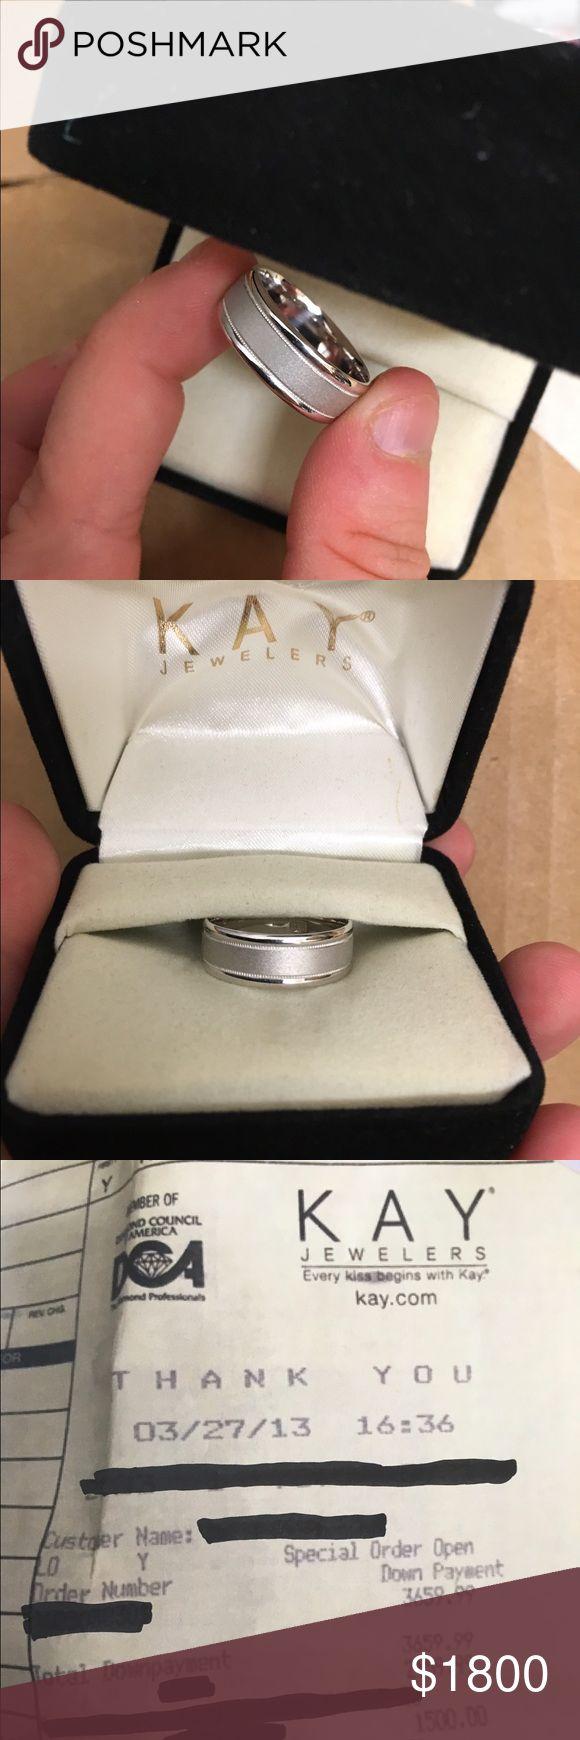 Best 25+ Male promise rings ideas on Pinterest | Best mens wedding ...